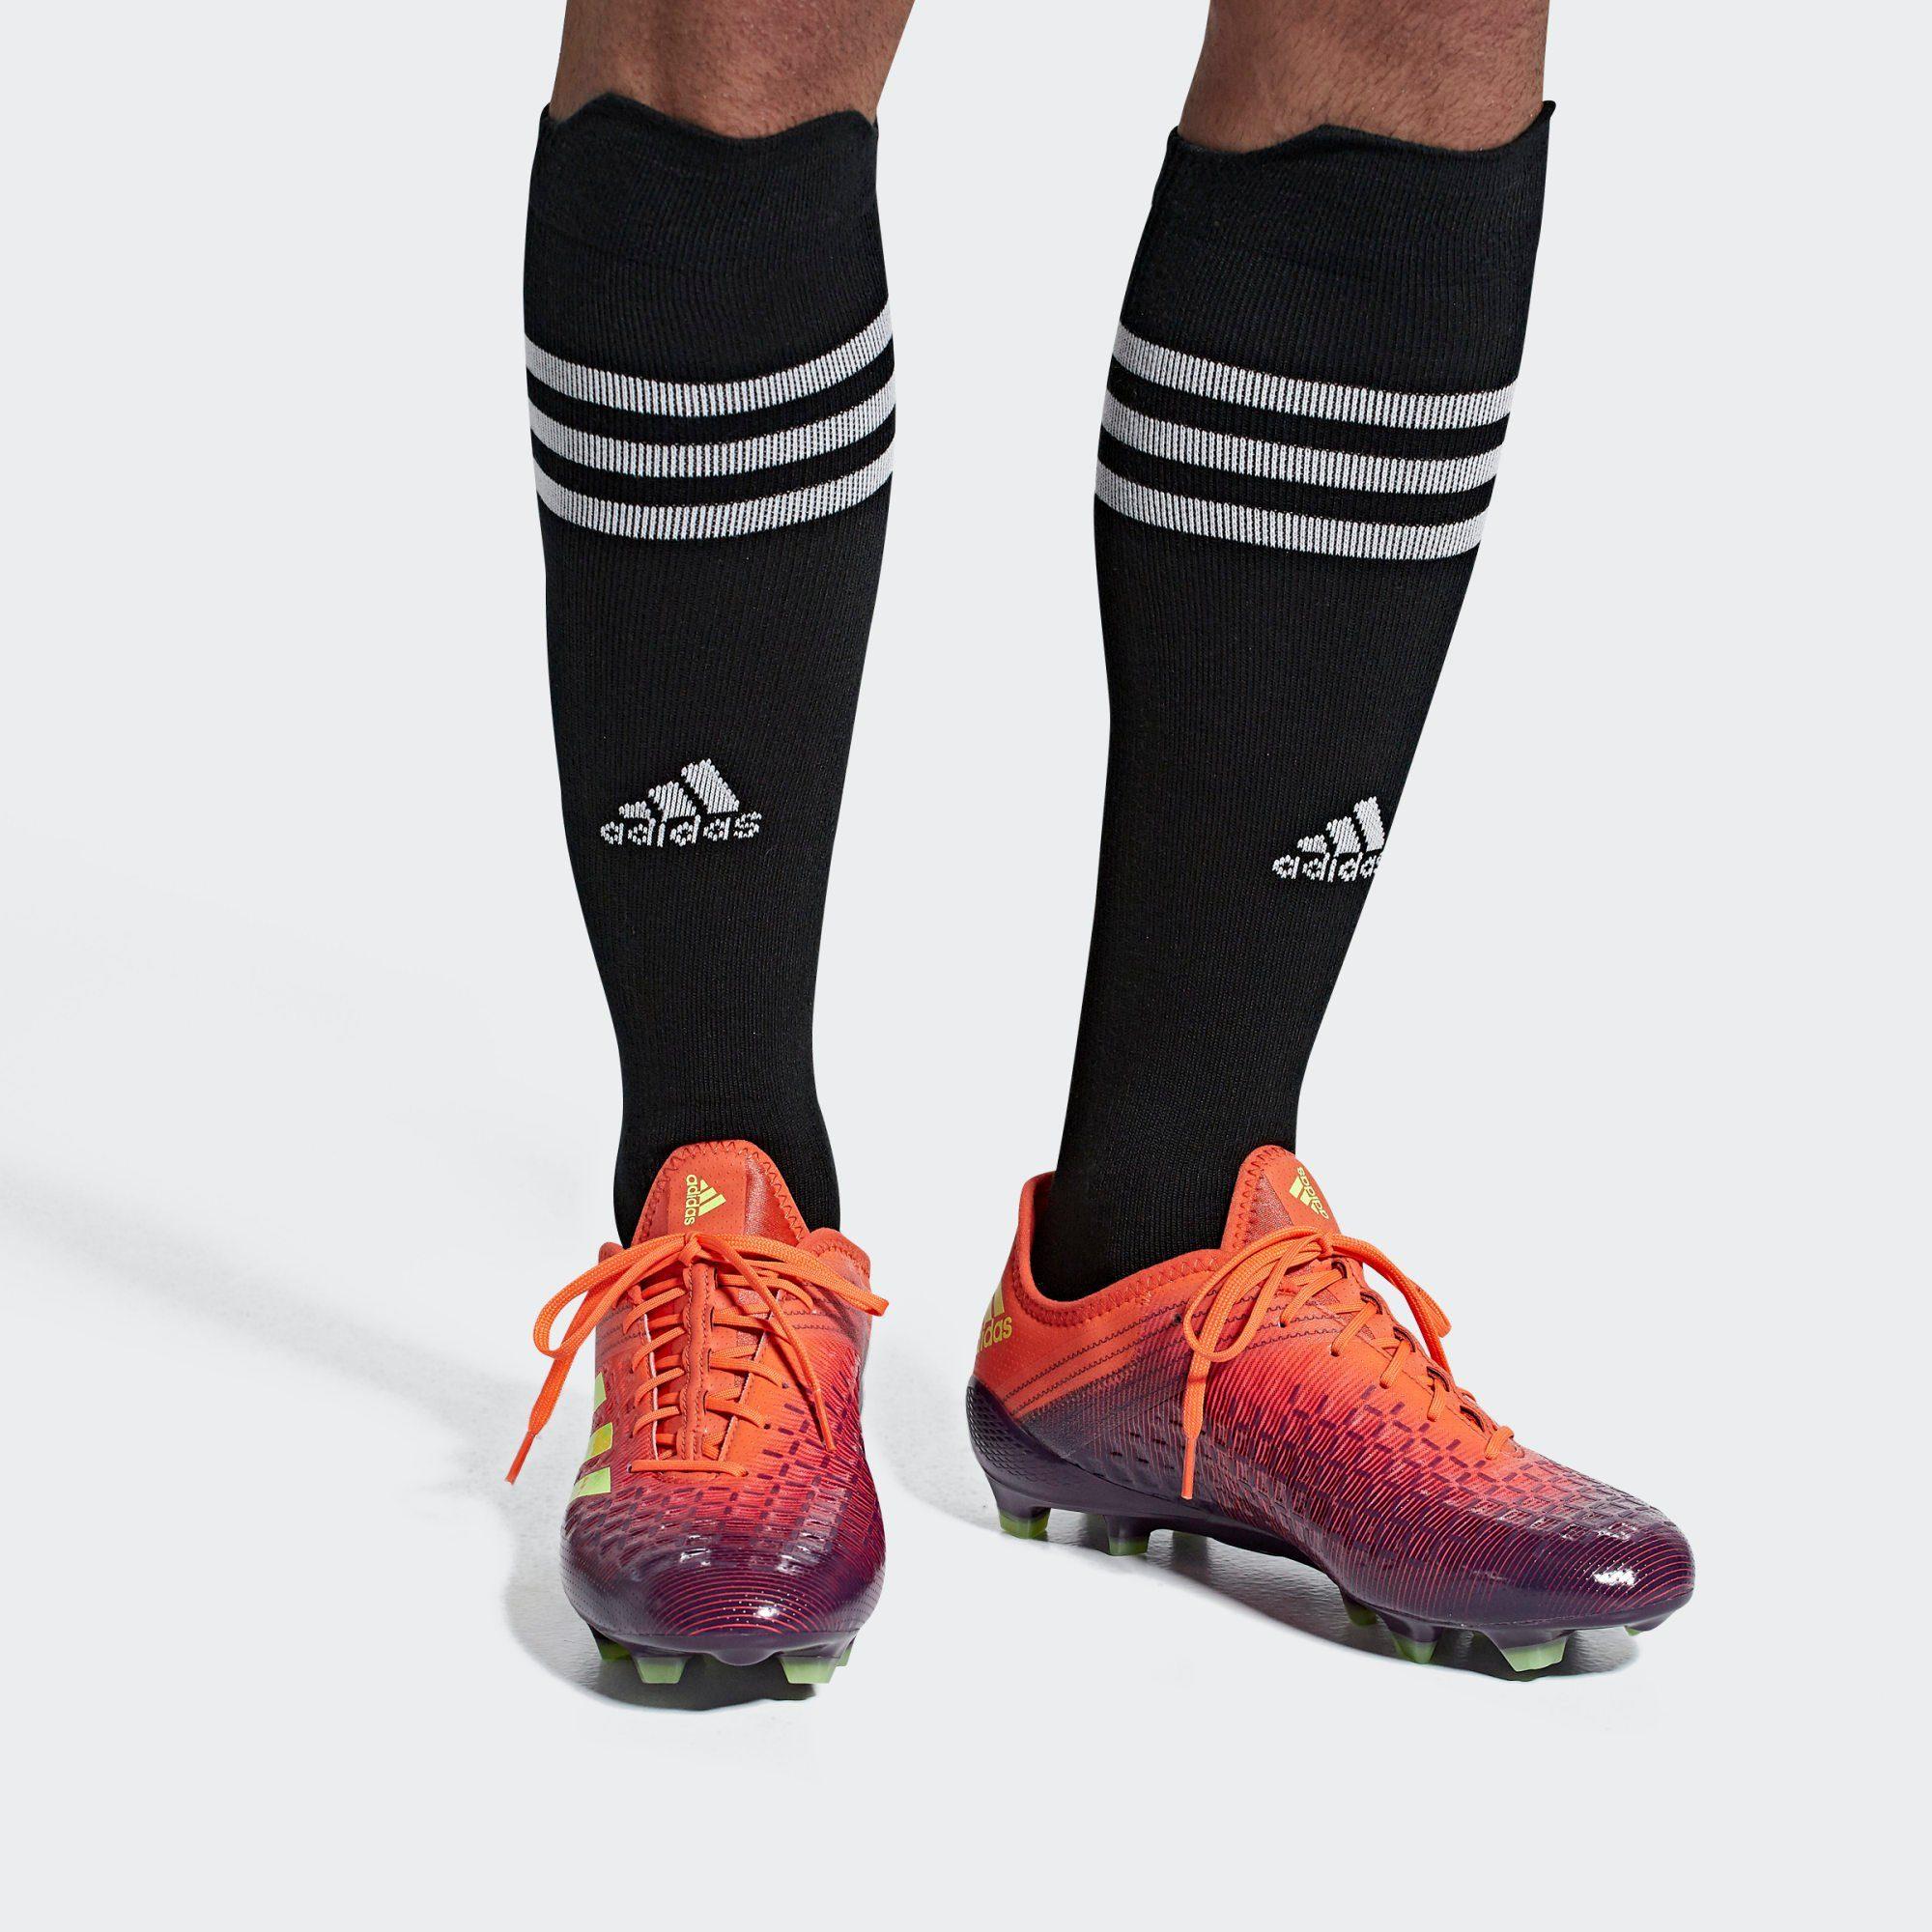 adidas Performance »Predator Malice Control FG Schuh« Fußballschuh Predator online kaufen | OTTO